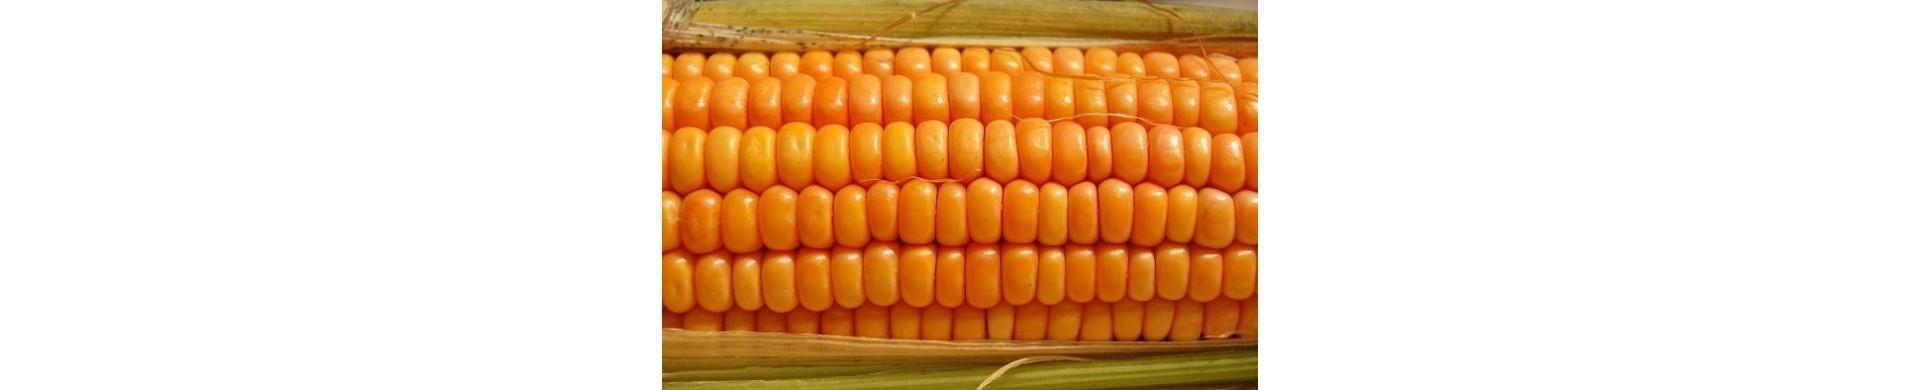 Plantar maiz - Comprar plantas de maiz